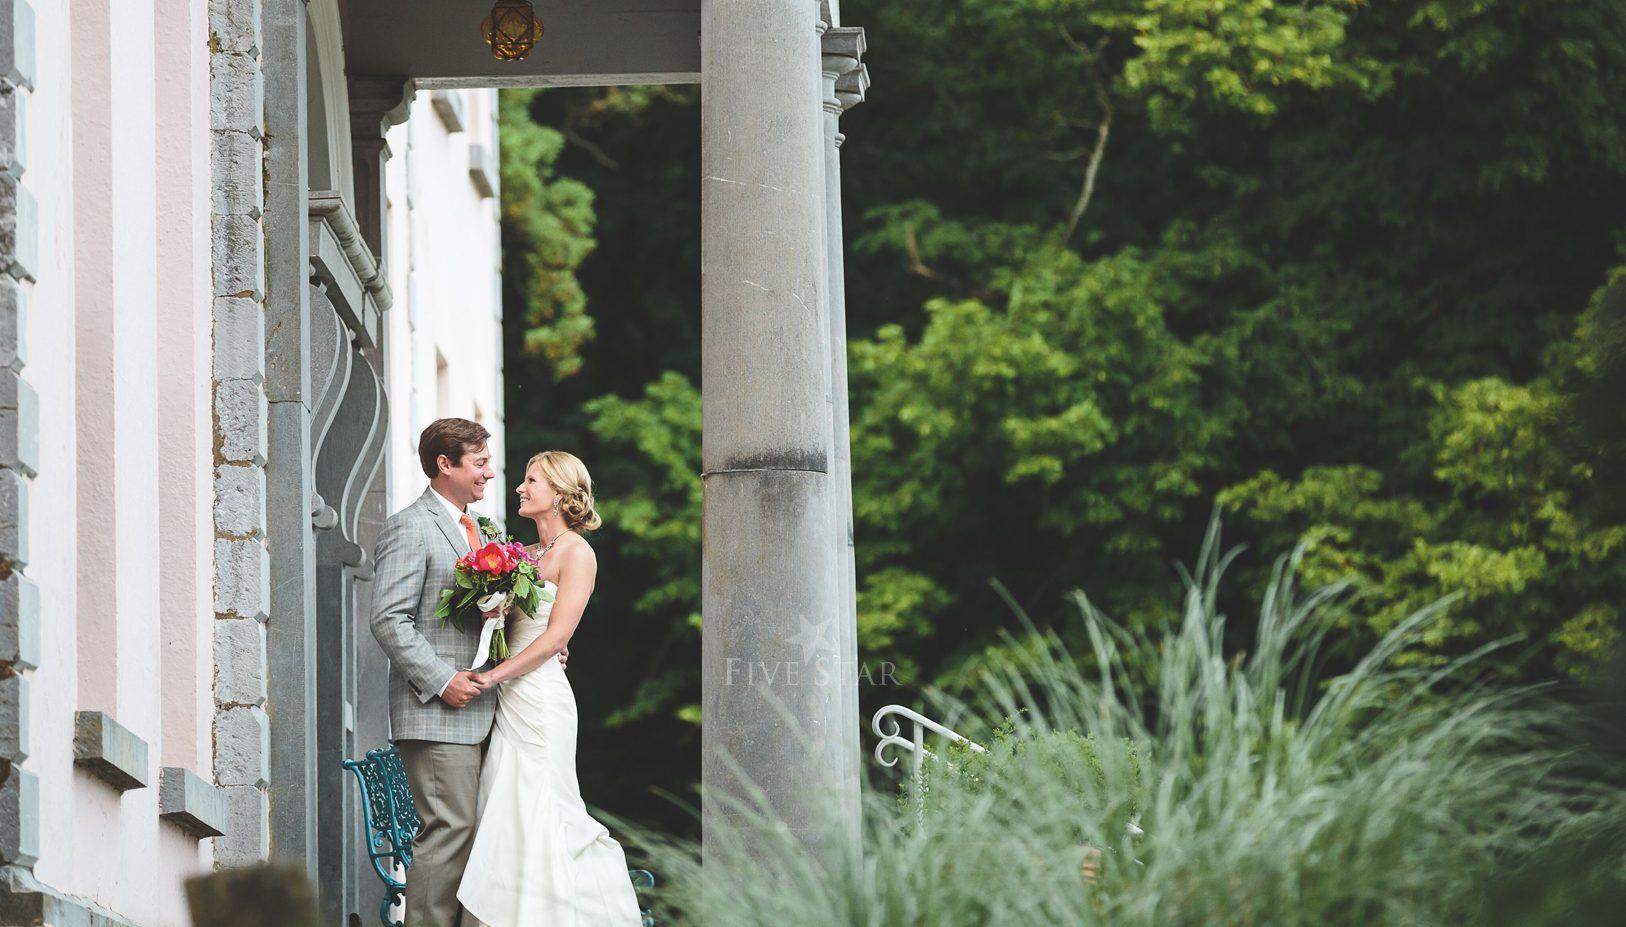 Longueville House Weddings photo 28